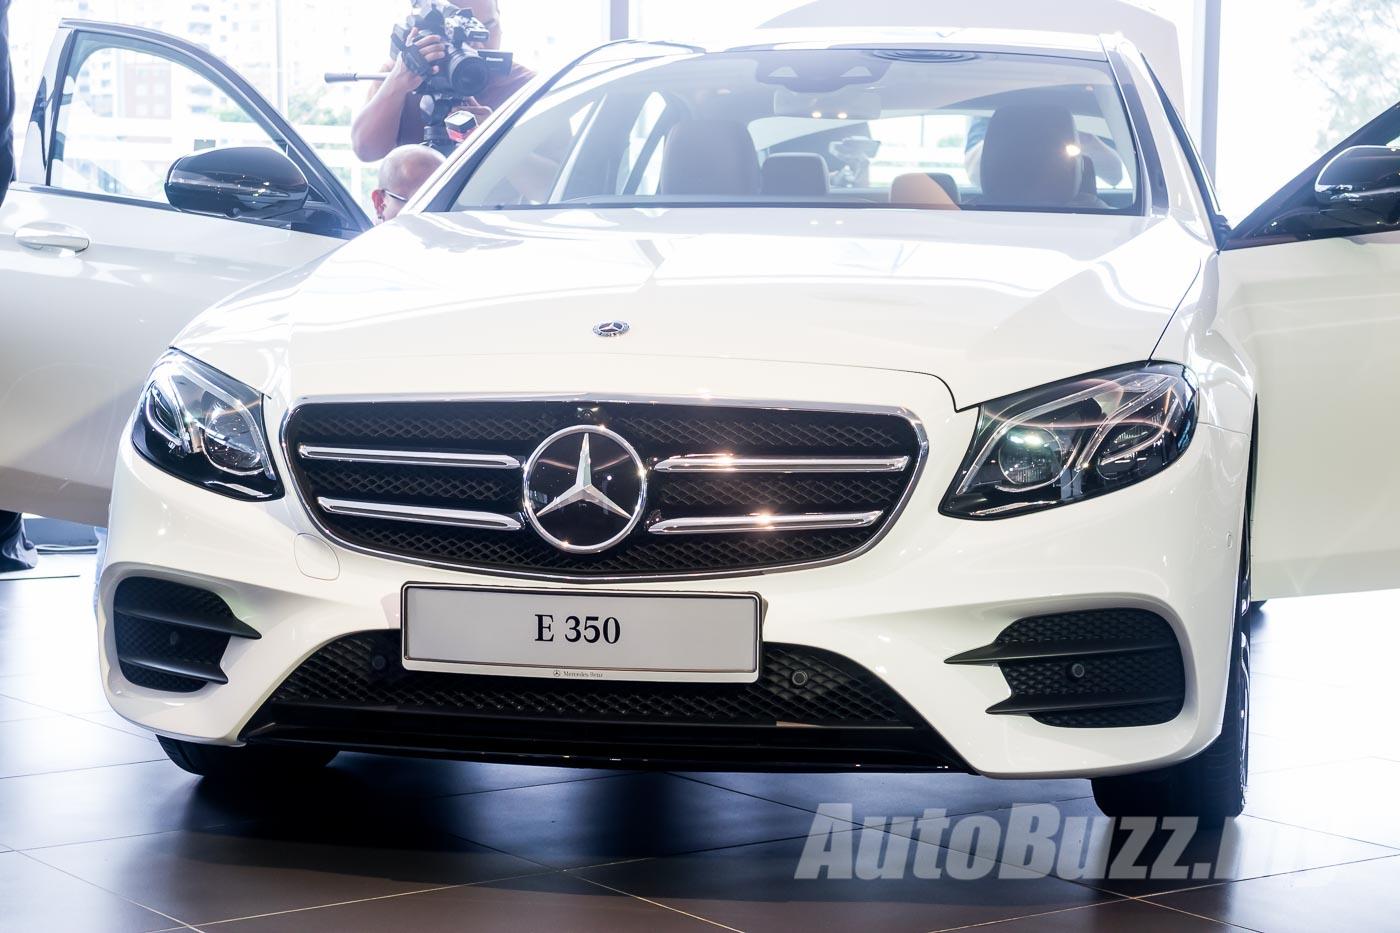 Meet the new Mercedes-Benz E-Class range - E 200, E 300 & E